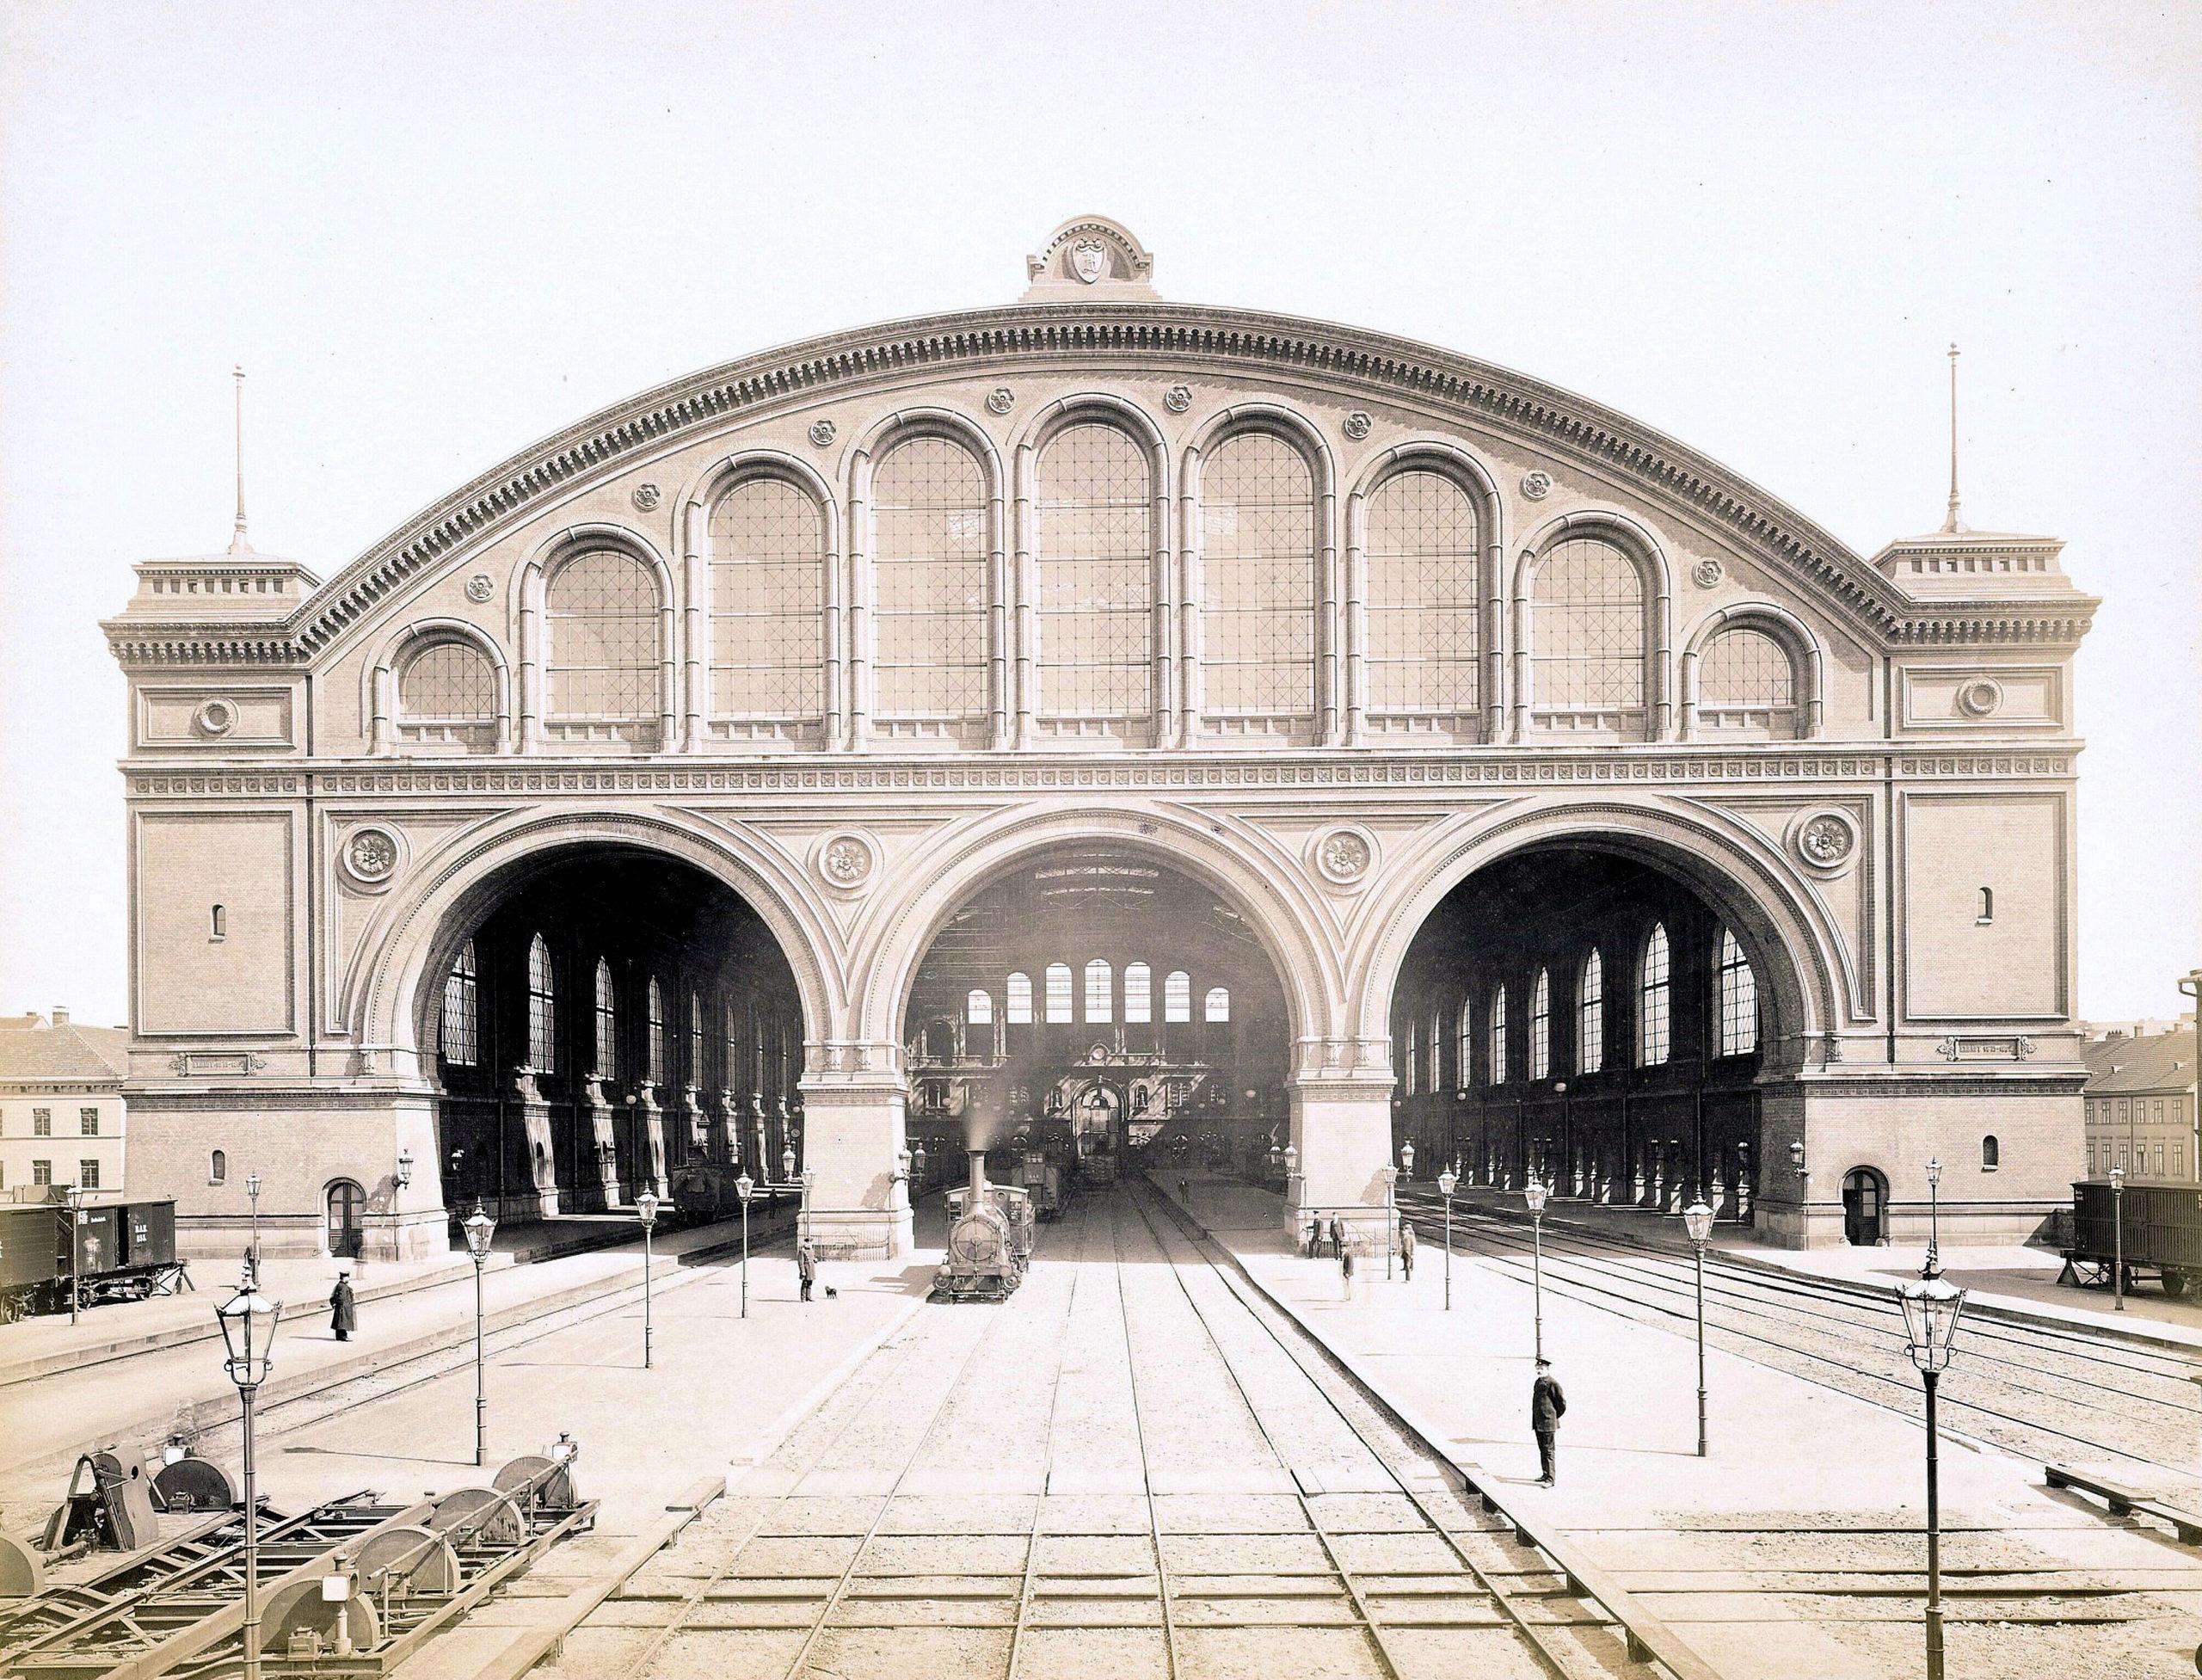 Schwechten Franz (1841-1924), Anhalter Bahnhof in Berlin